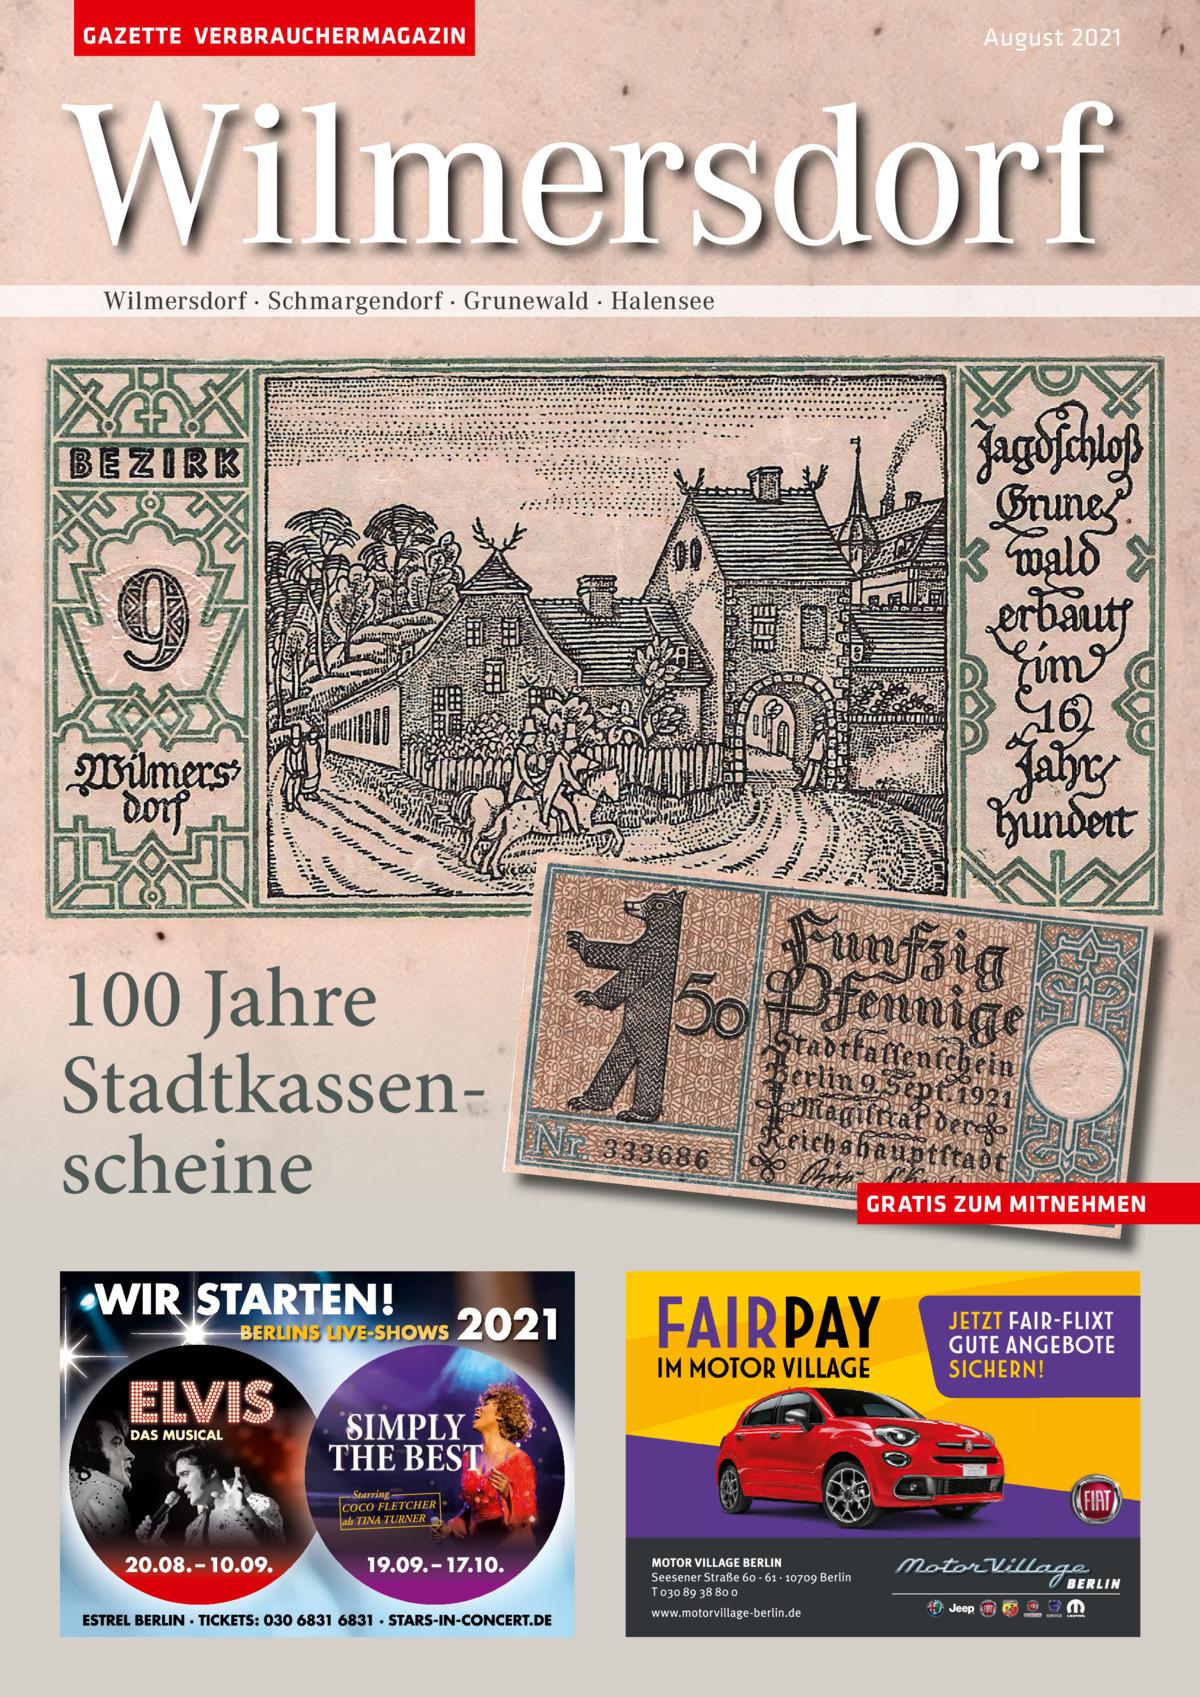 GAZETTE VERBRAUCHERMAGAZIN  August 2021  Wilmersdorf Wilmersdorf · Schmargendorf · Grunewald · Halensee  100 Jahre Stadtkassenscheine  GRATIS ZUM MITNEHMEN